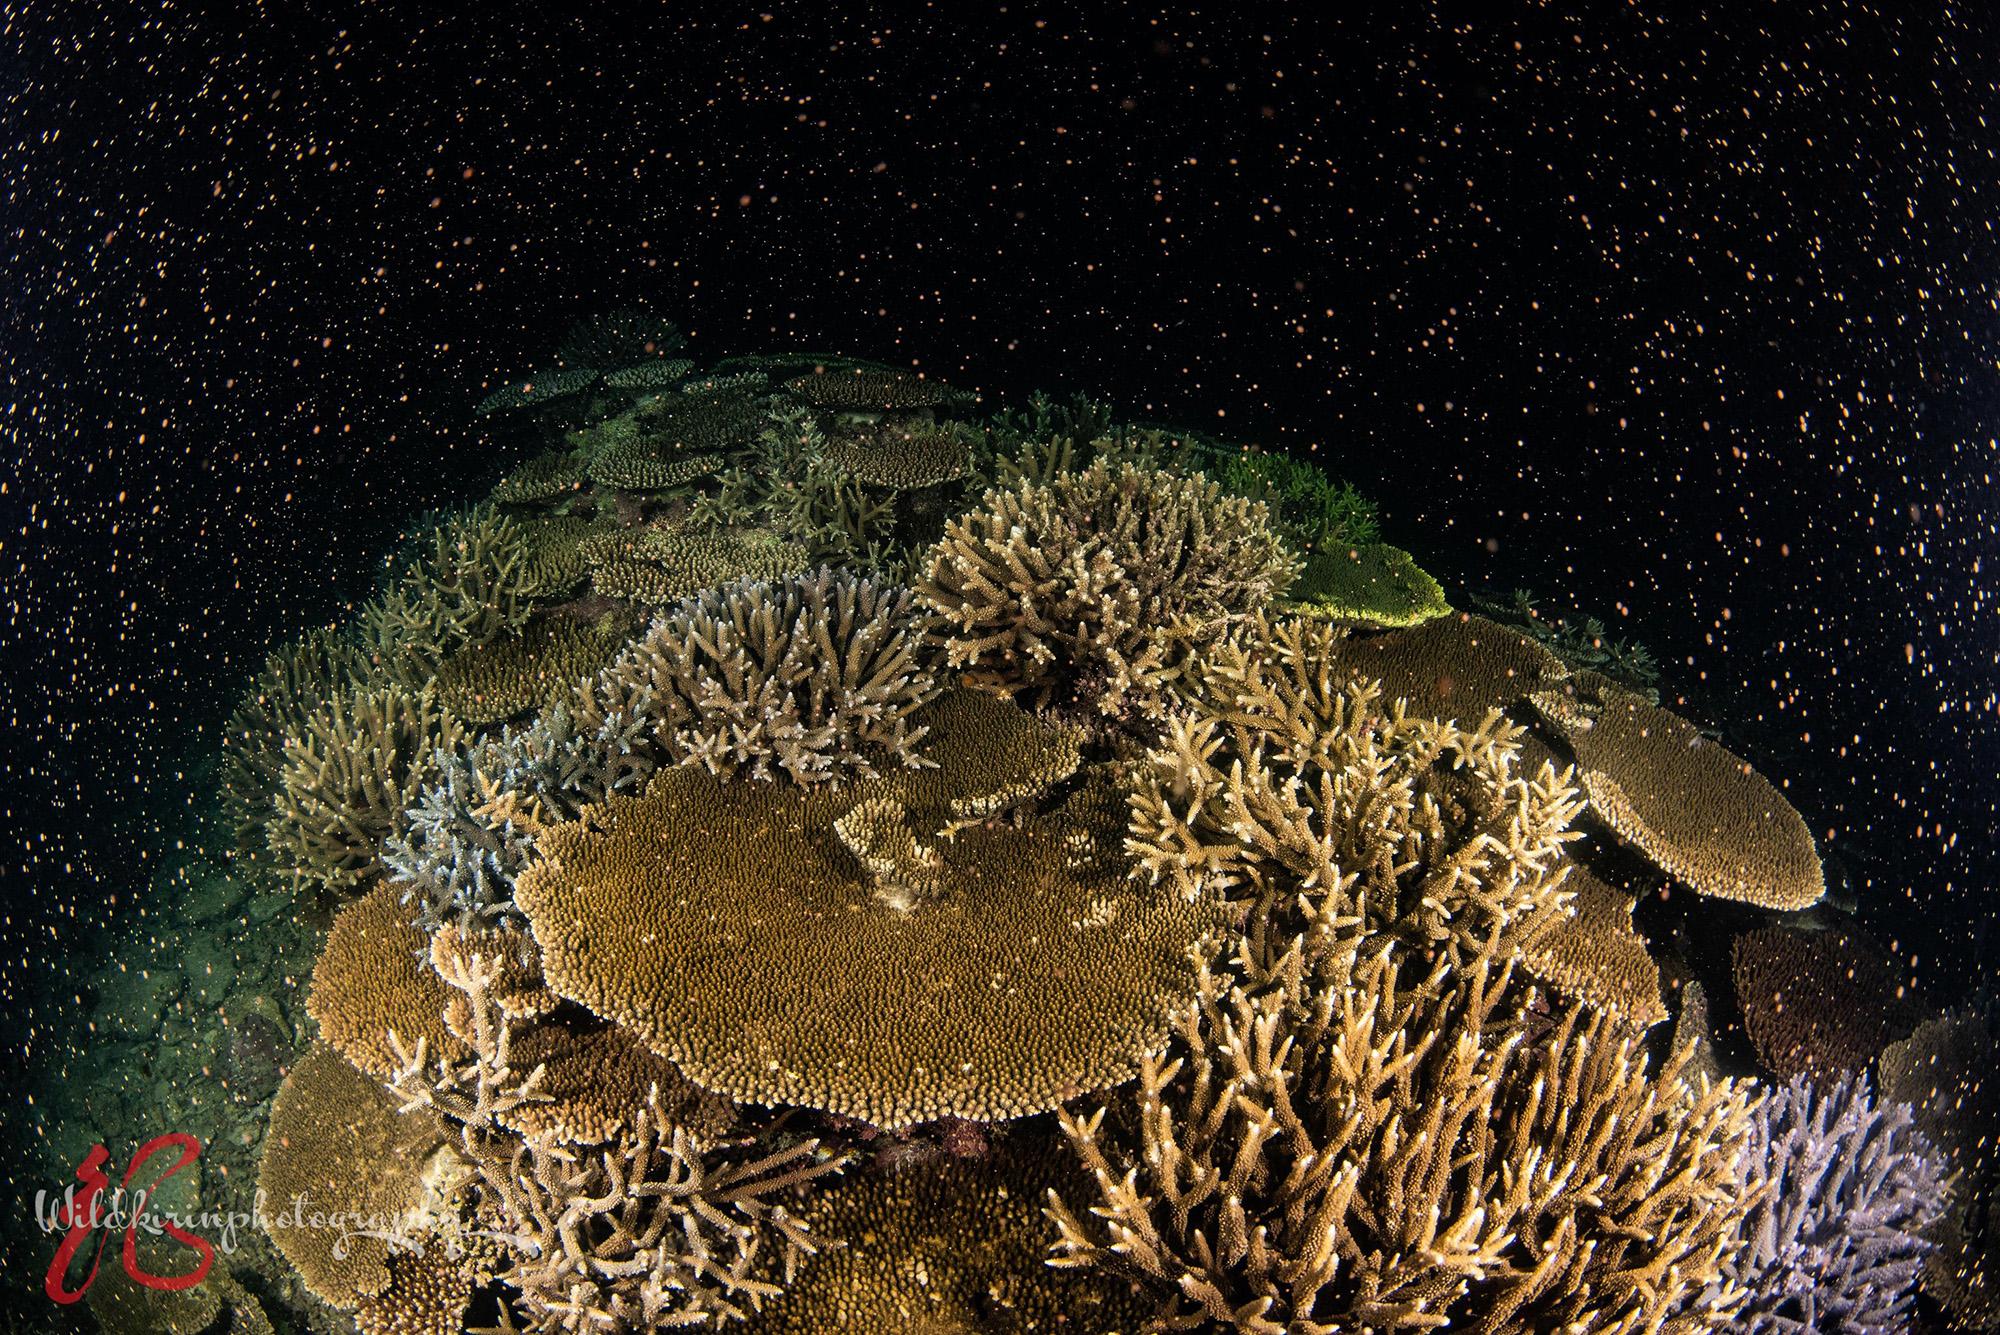 石垣島で幻想的なサンゴの産卵シーン